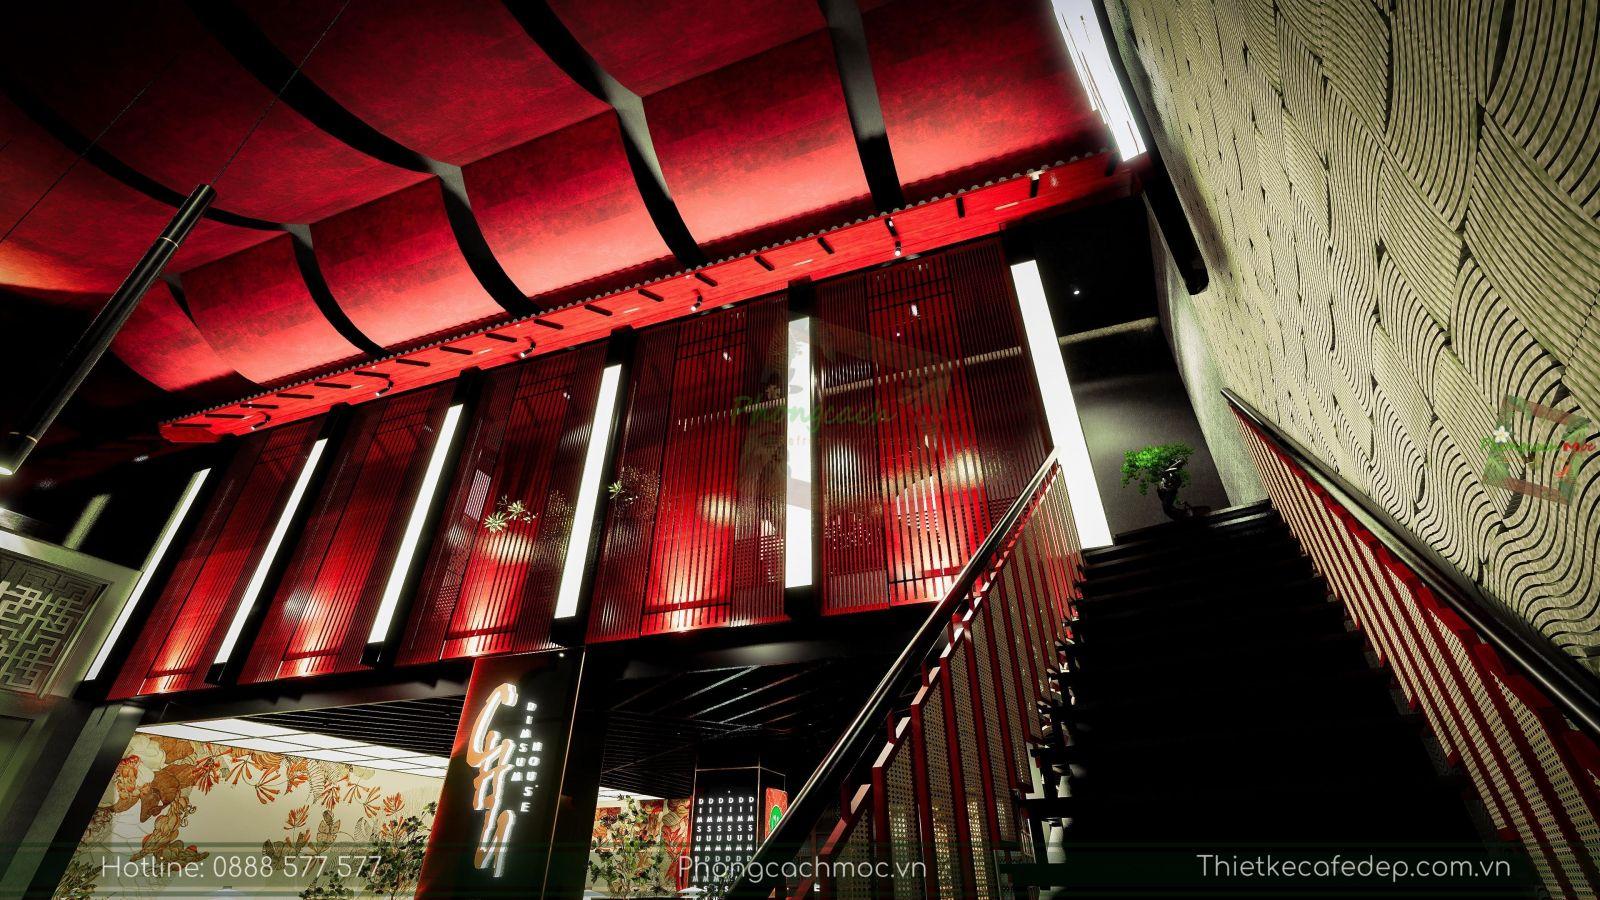 thiết kế nhà hàng trung hoa - nét văn hóa trung hoa hiện đại